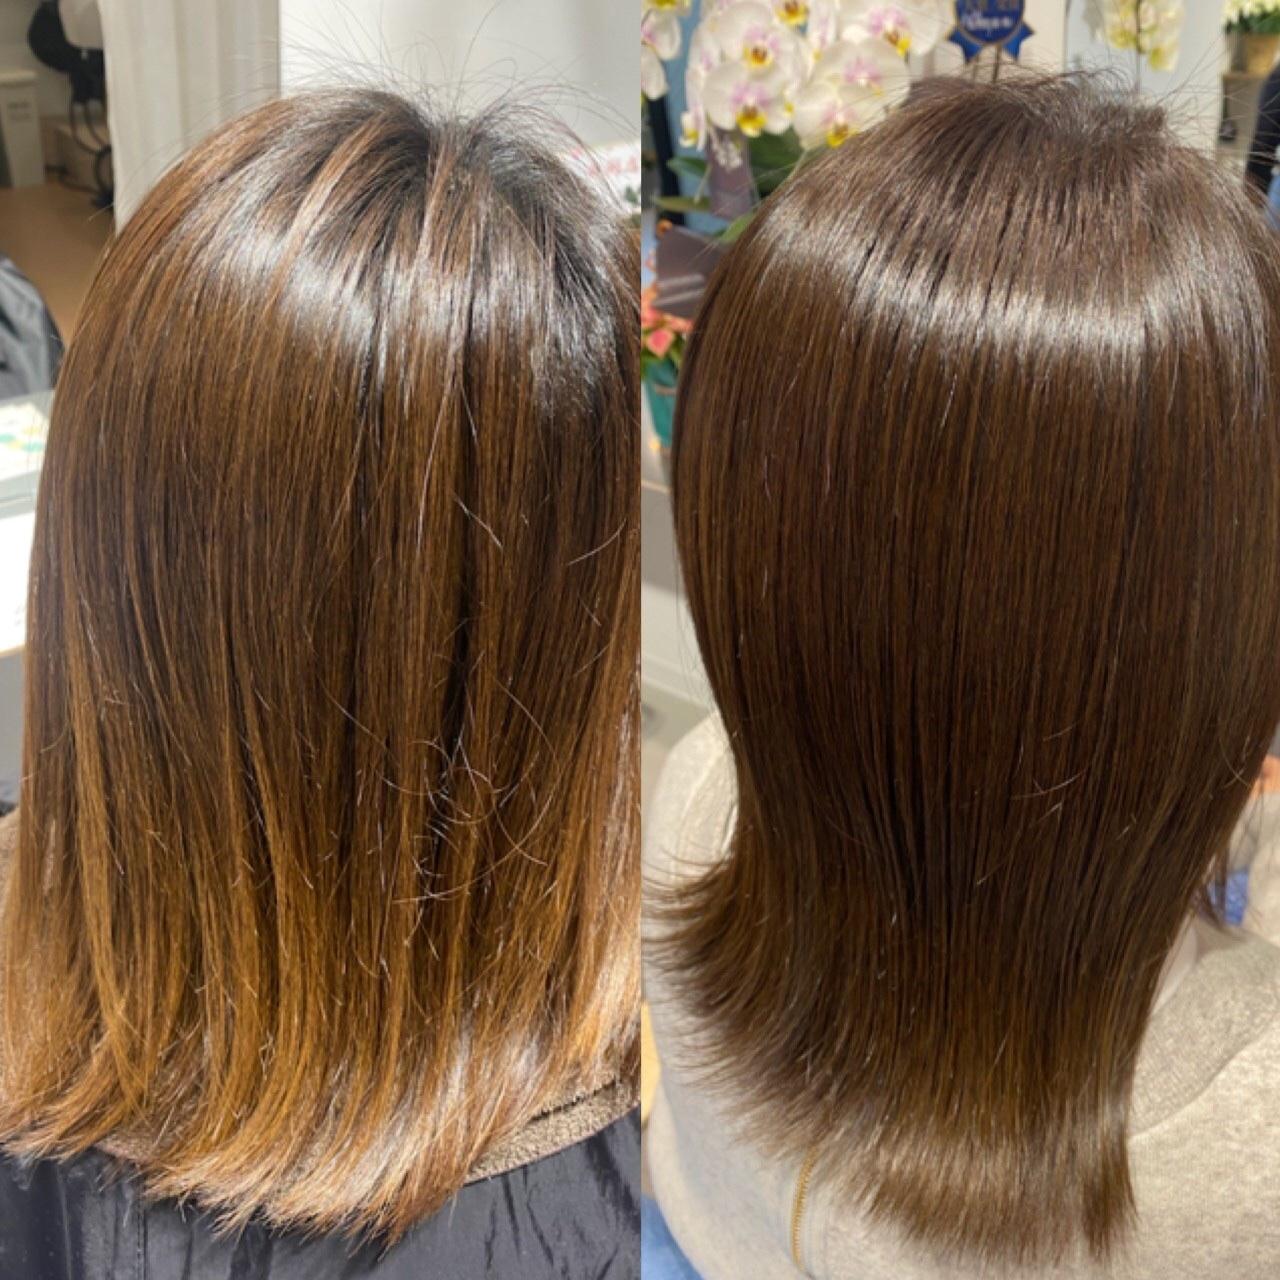 カラーで髪を傷ませない施術が可能です。